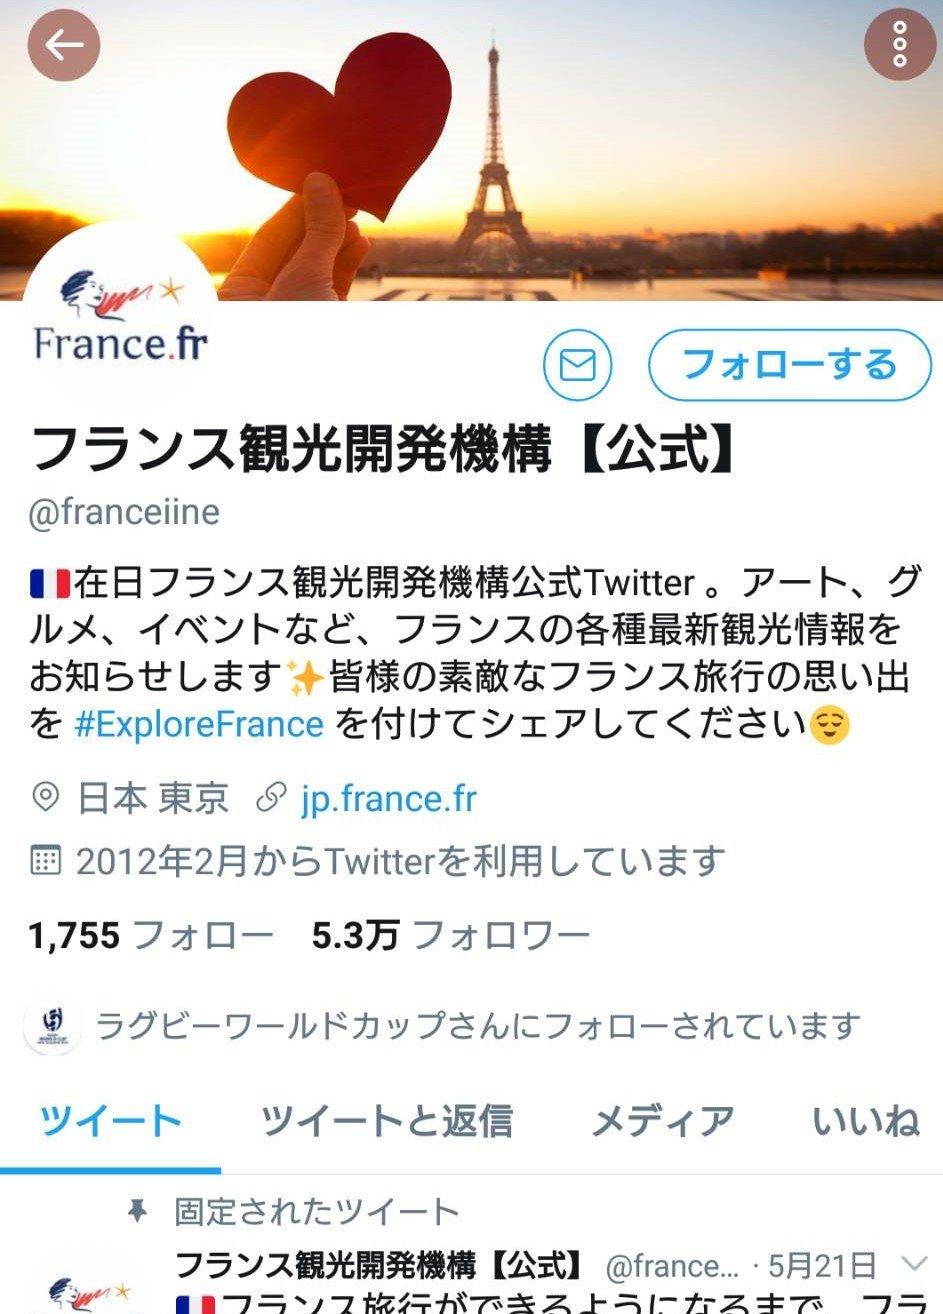 フランス観光開発機構Twitter.jpg